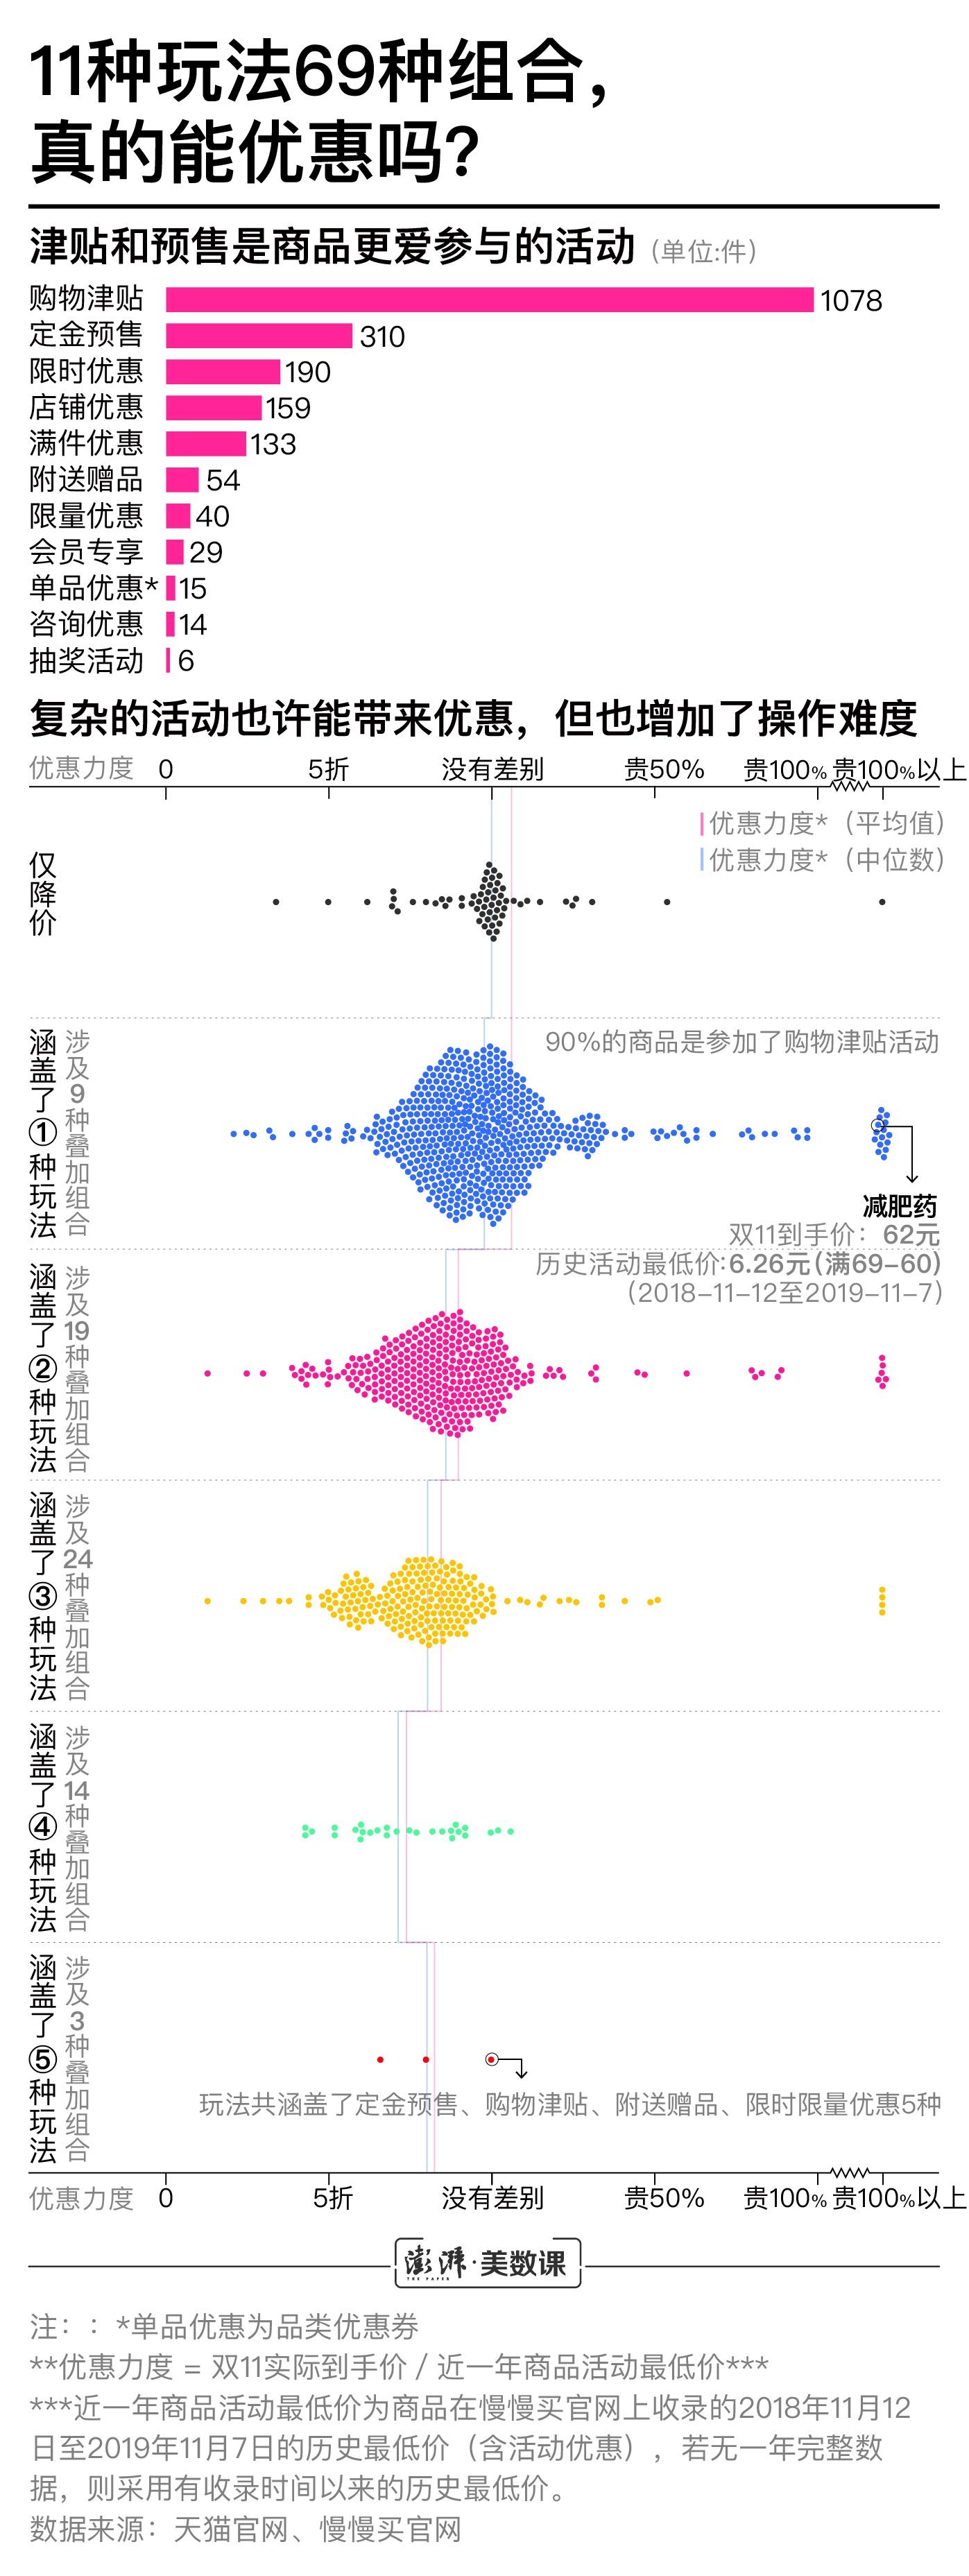 导航评级网,辽宁今年底解决农村贫困人口饮水安全问题